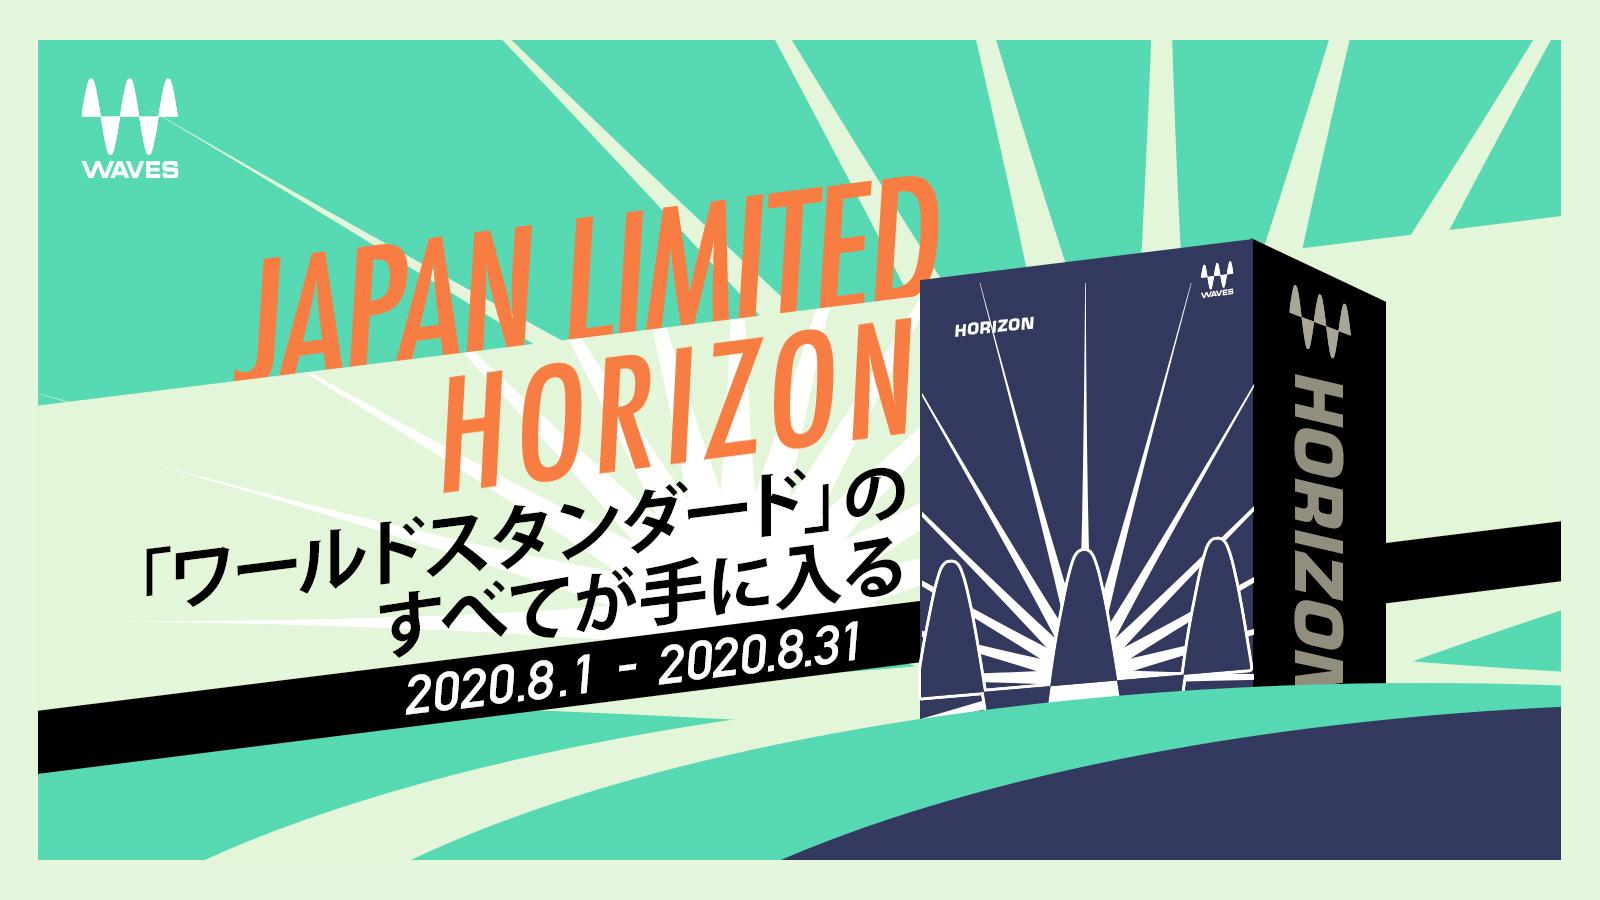 「ワールドスタンダード」のすべてが手に入る!Waves Horizon 日本限定プロモーション